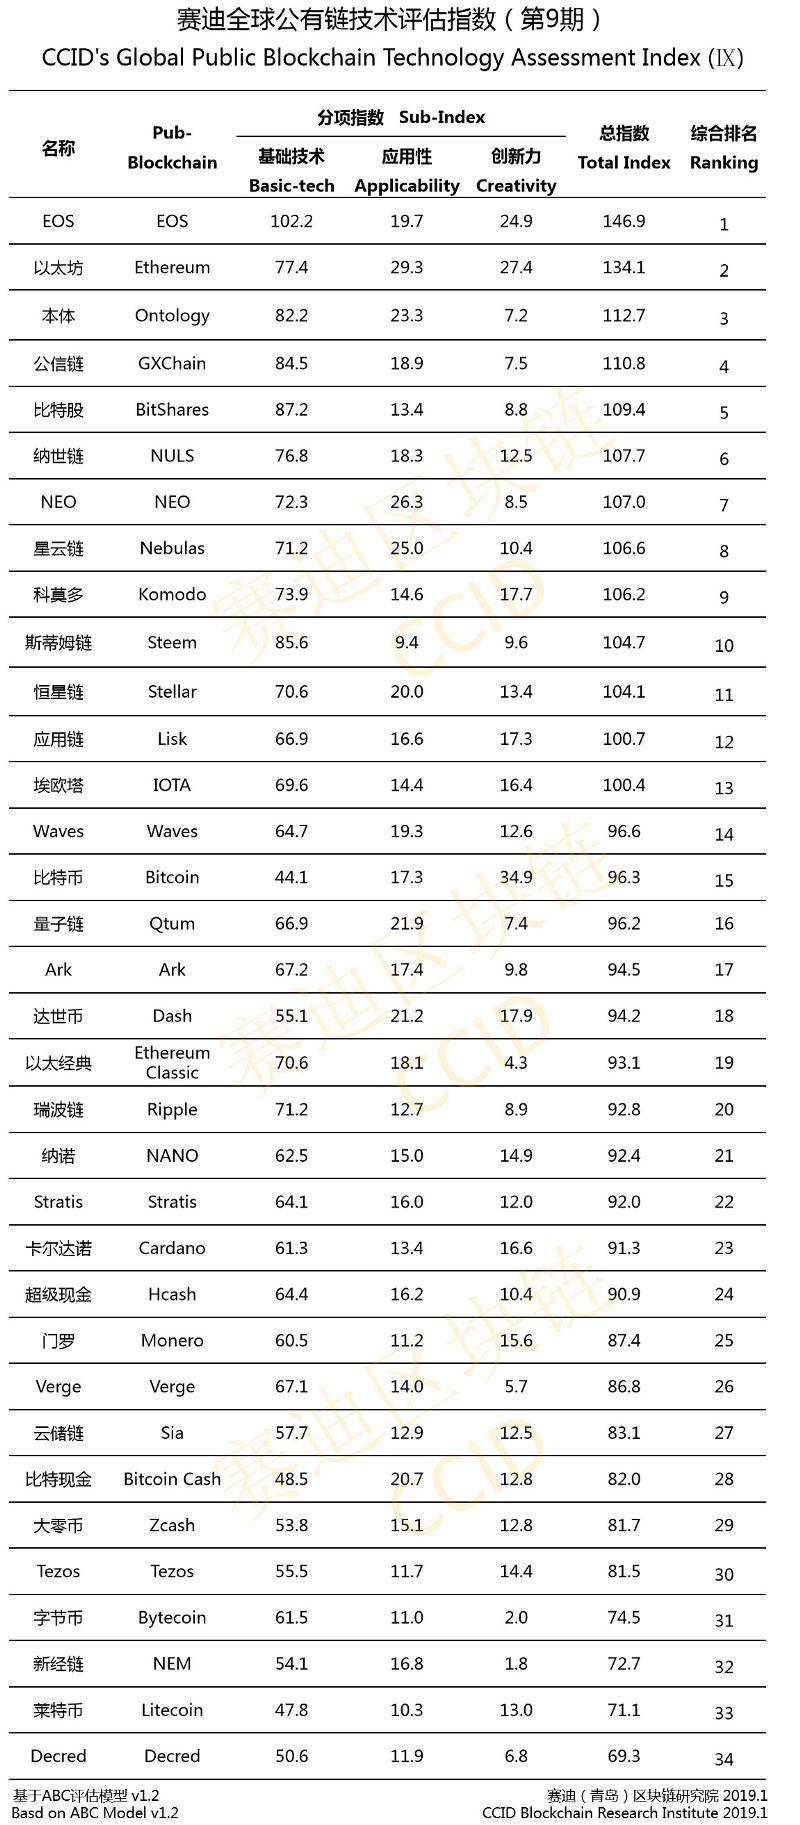 Биткоин снова не смог обойти EOS и Ethereum в китайском рейтинге криптовалют